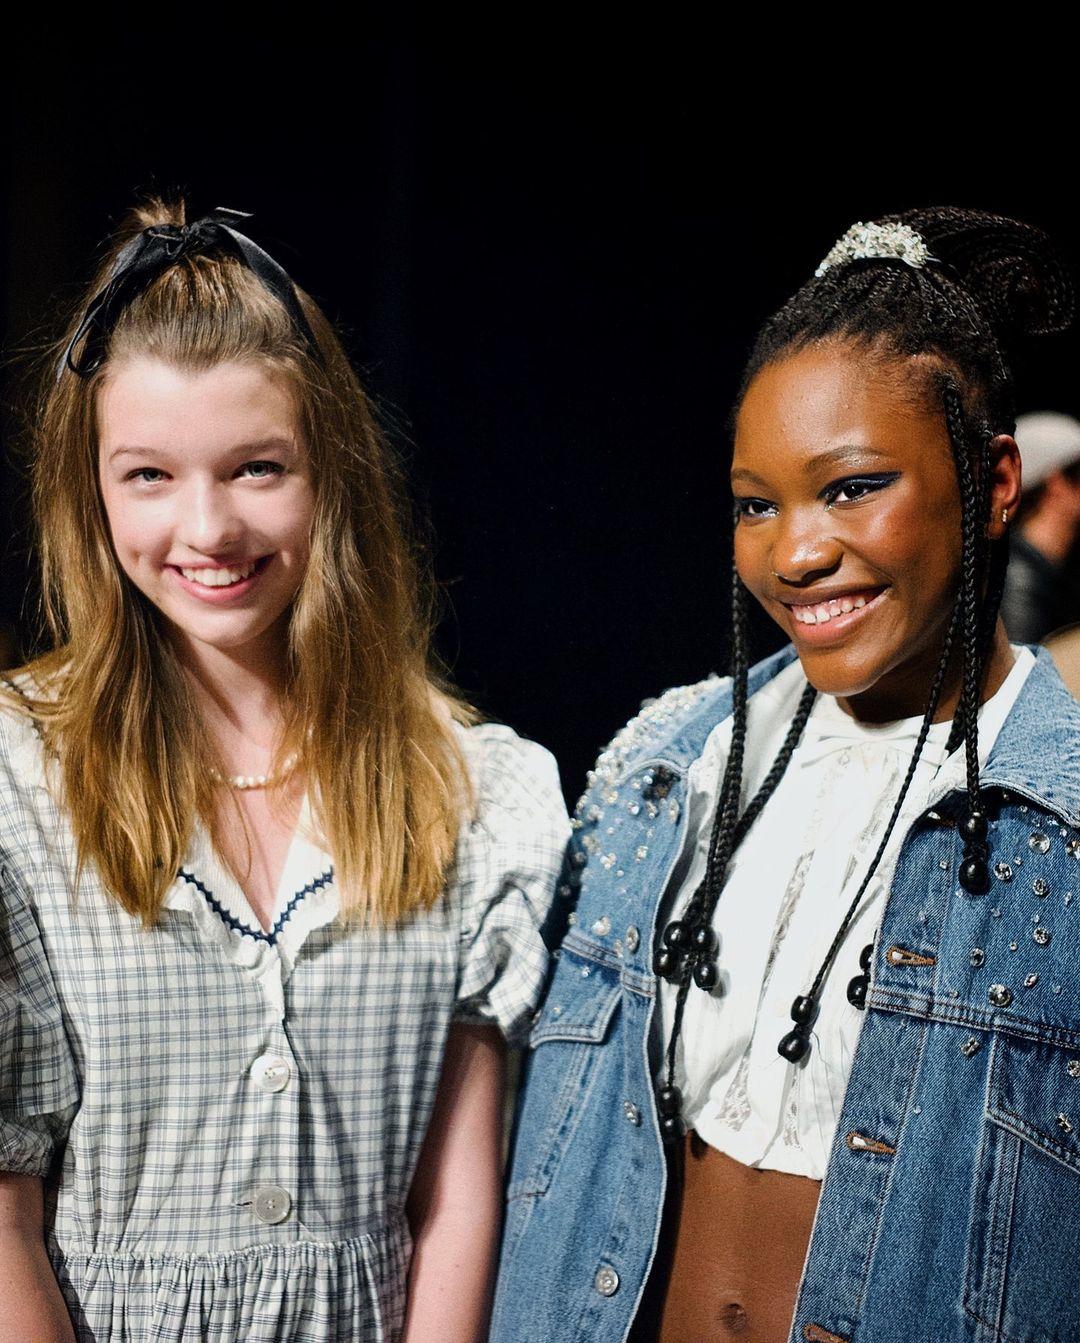 Дочка Милы Йовович самостоятельно пришла на модный показ в Париже